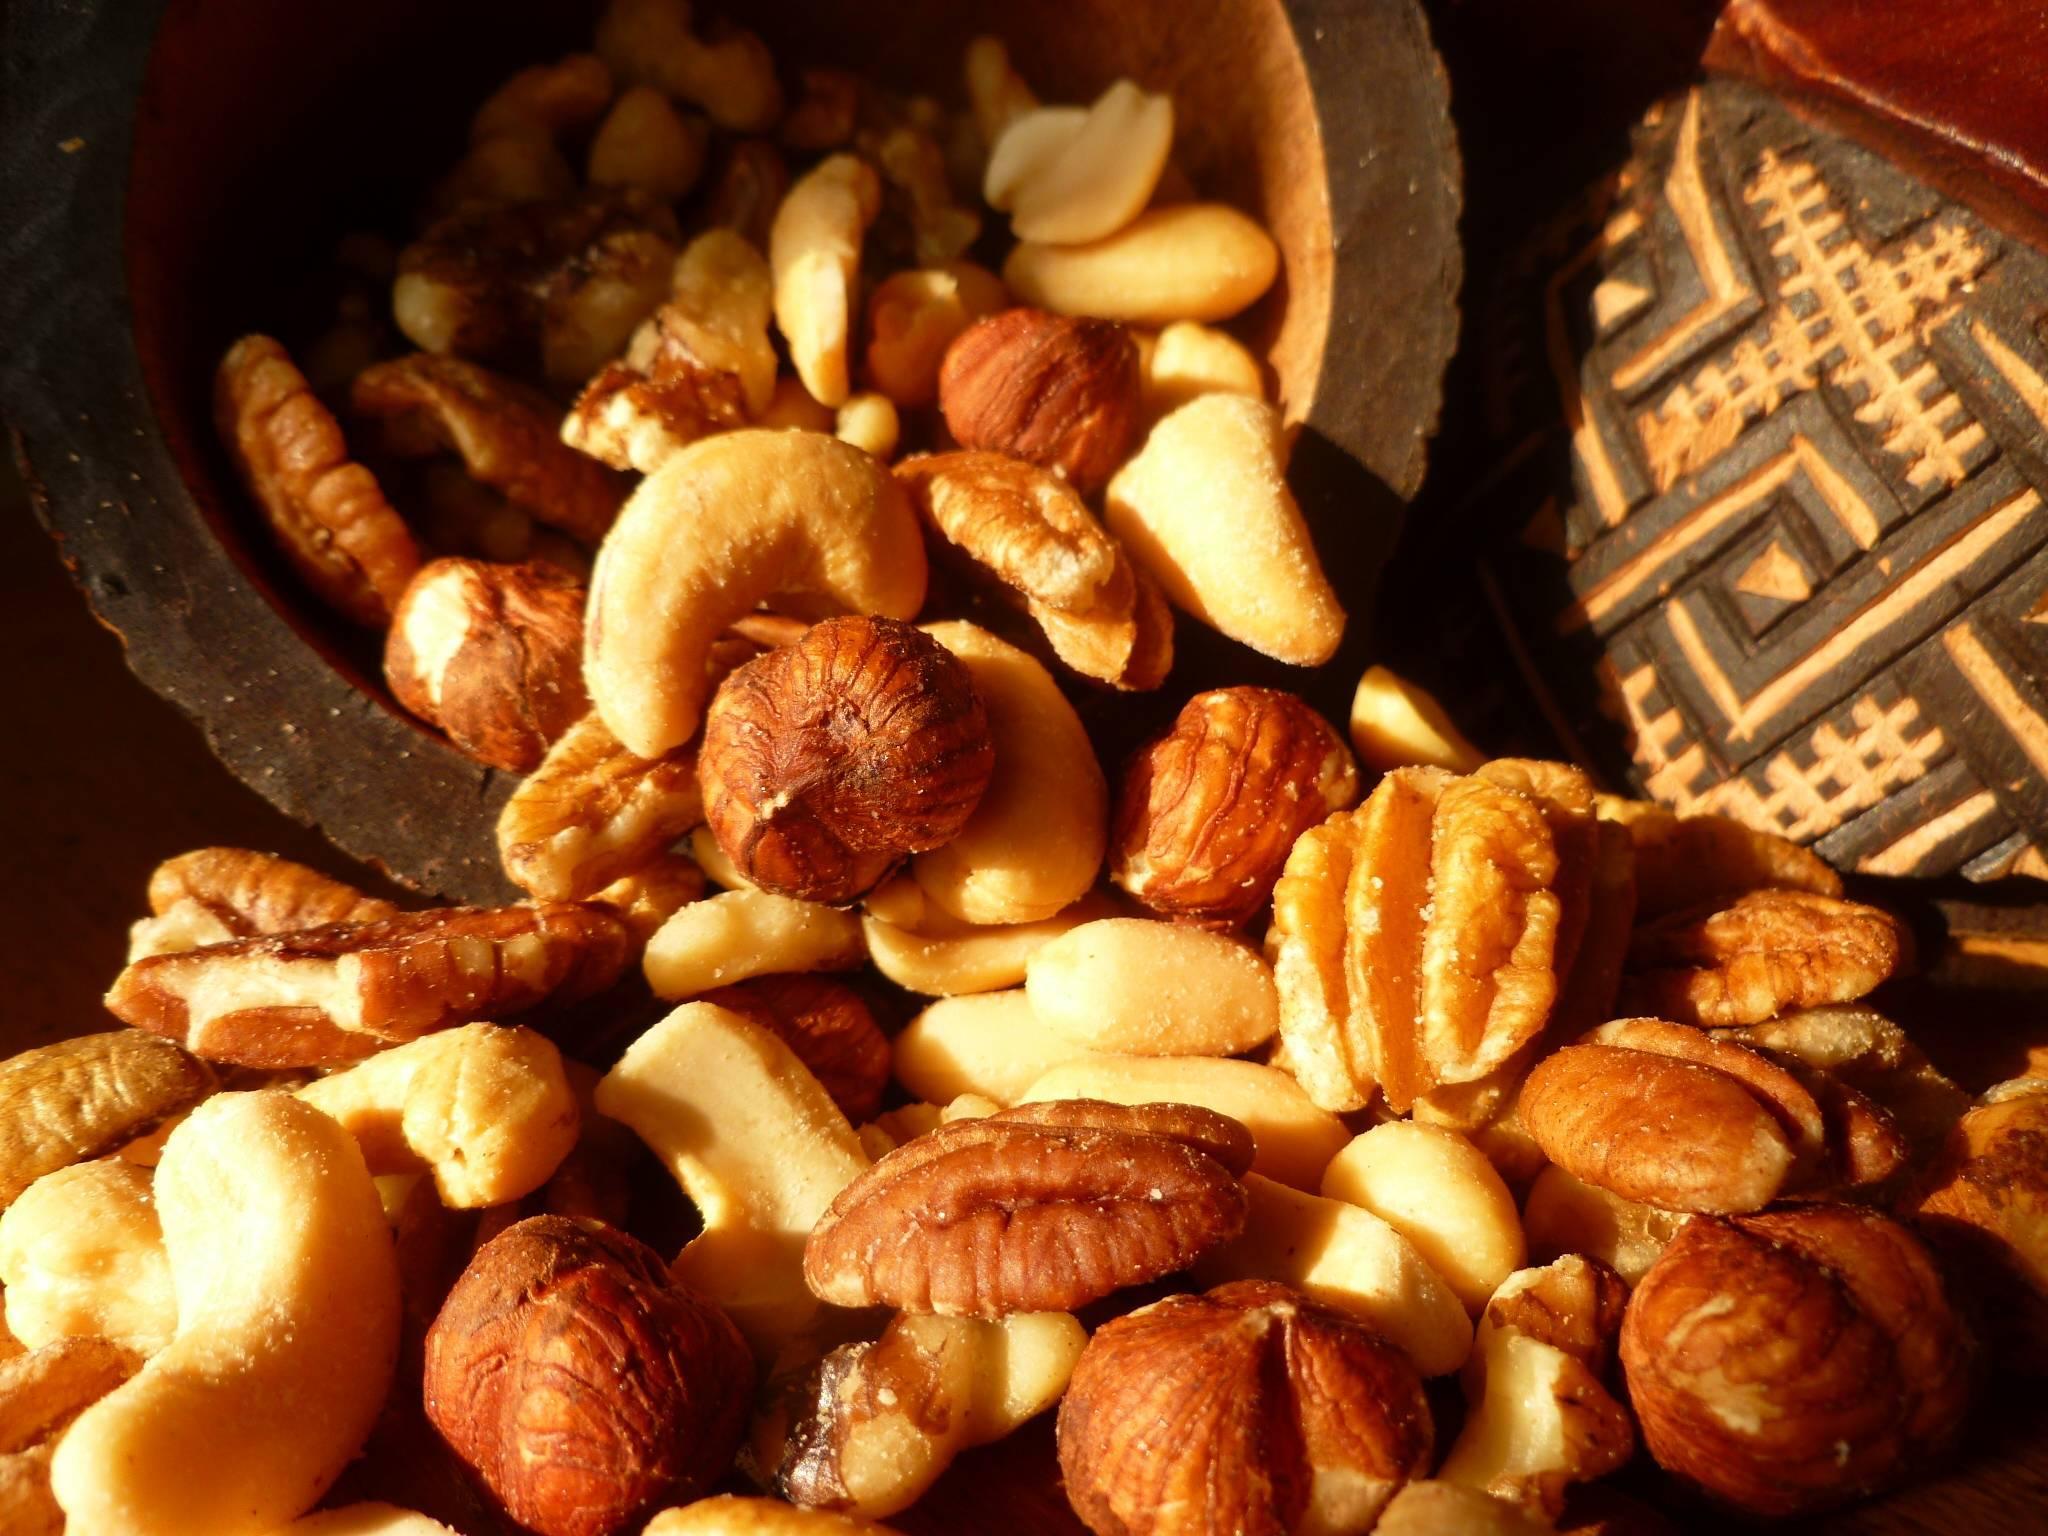 Можно ли есть миндаль при похудении: как кушать орехи при диете и сколько употреблять в день, чтобы похудеть, в чём их польза для женщин и какие существуют рецепты?